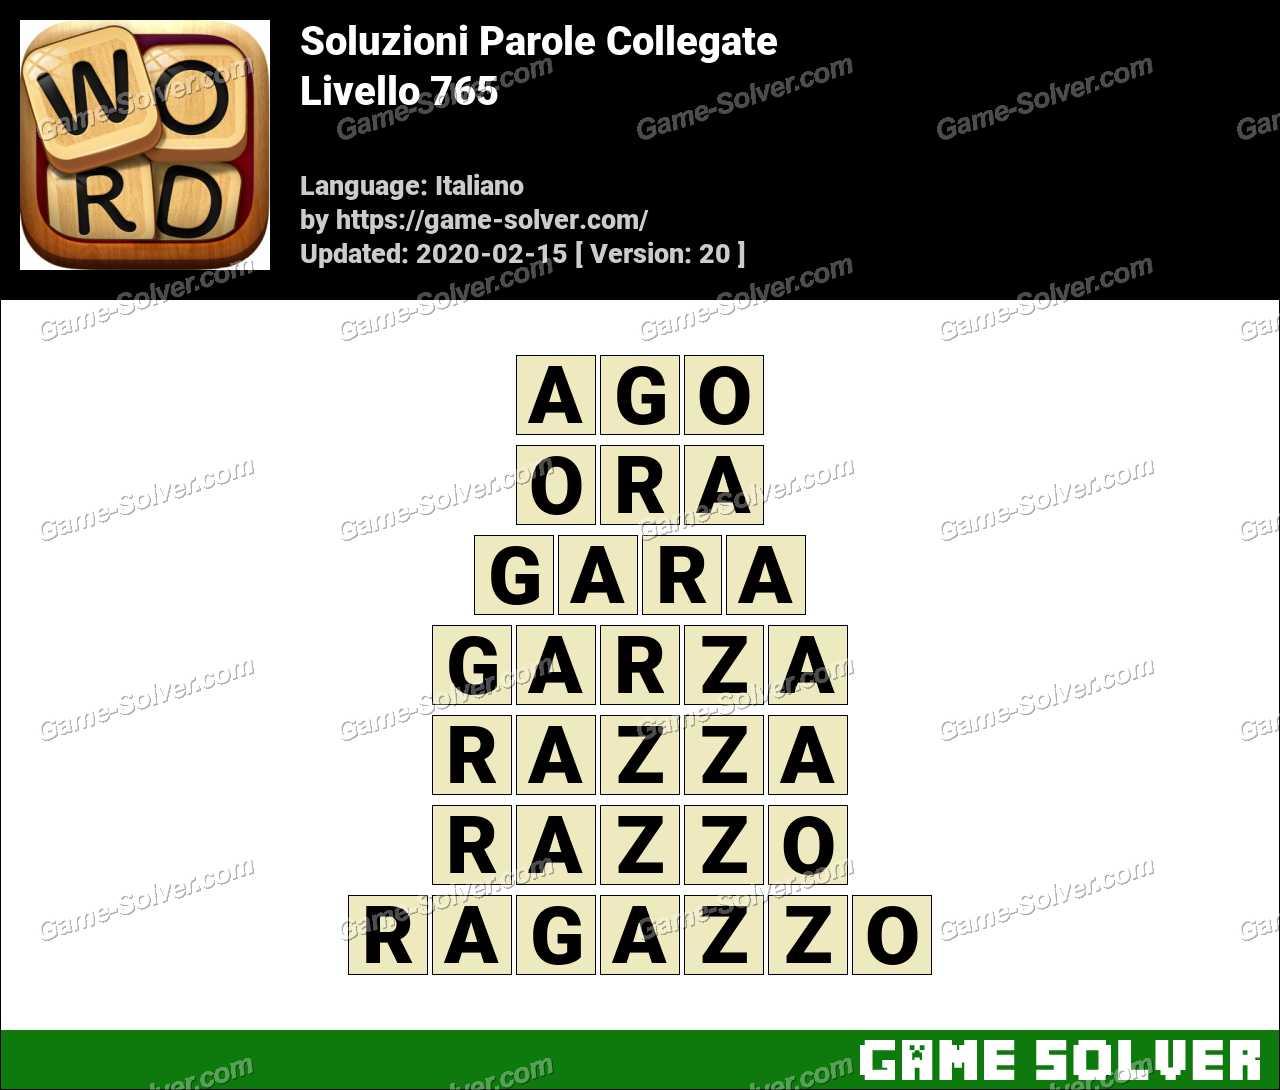 Soluzioni Parole Collegate Livello 765